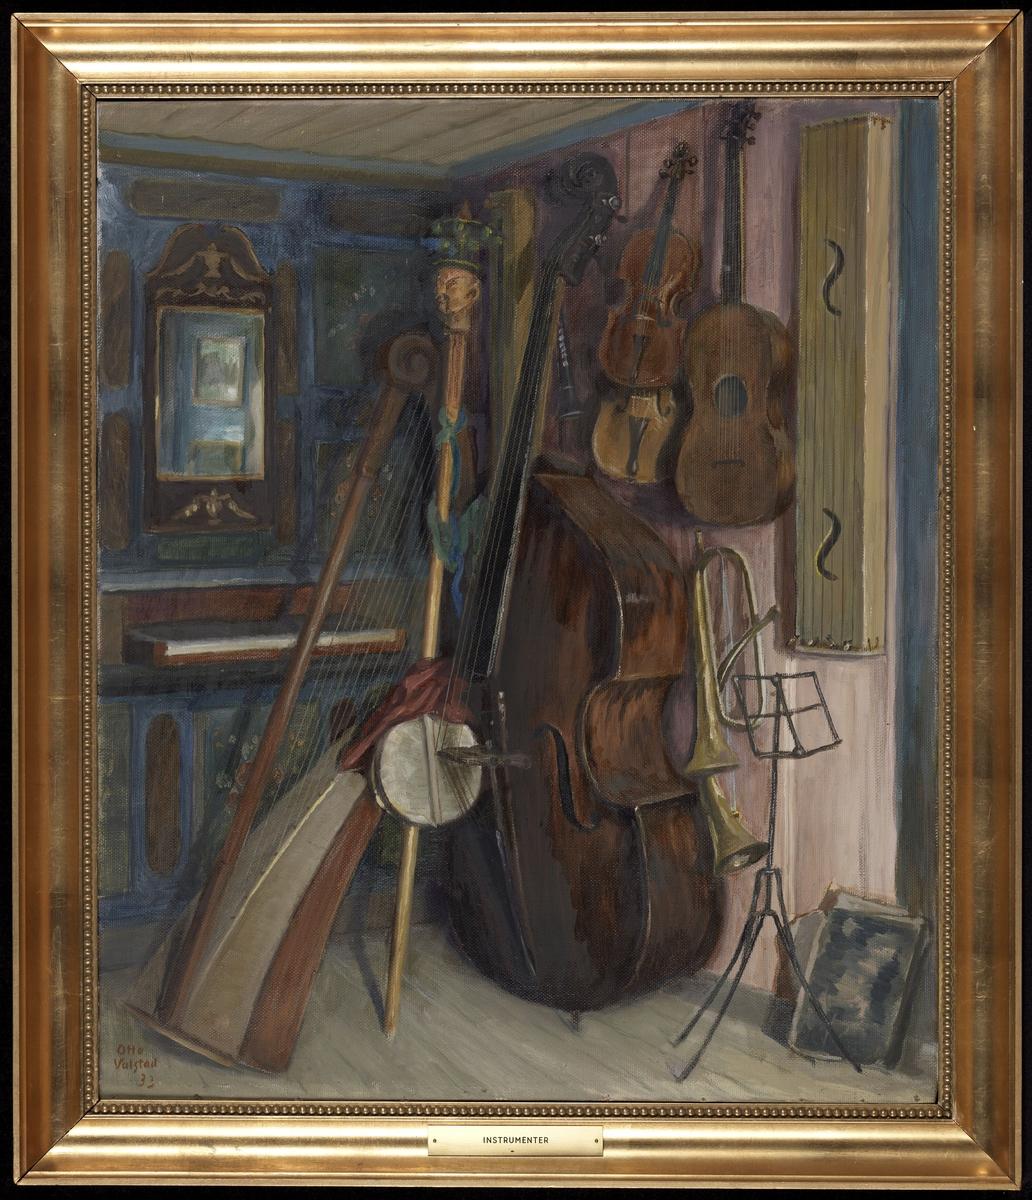 Interiør, musikkinstrumenter, orgel, harpe, bass, fiolin etc., speil, rosa panel